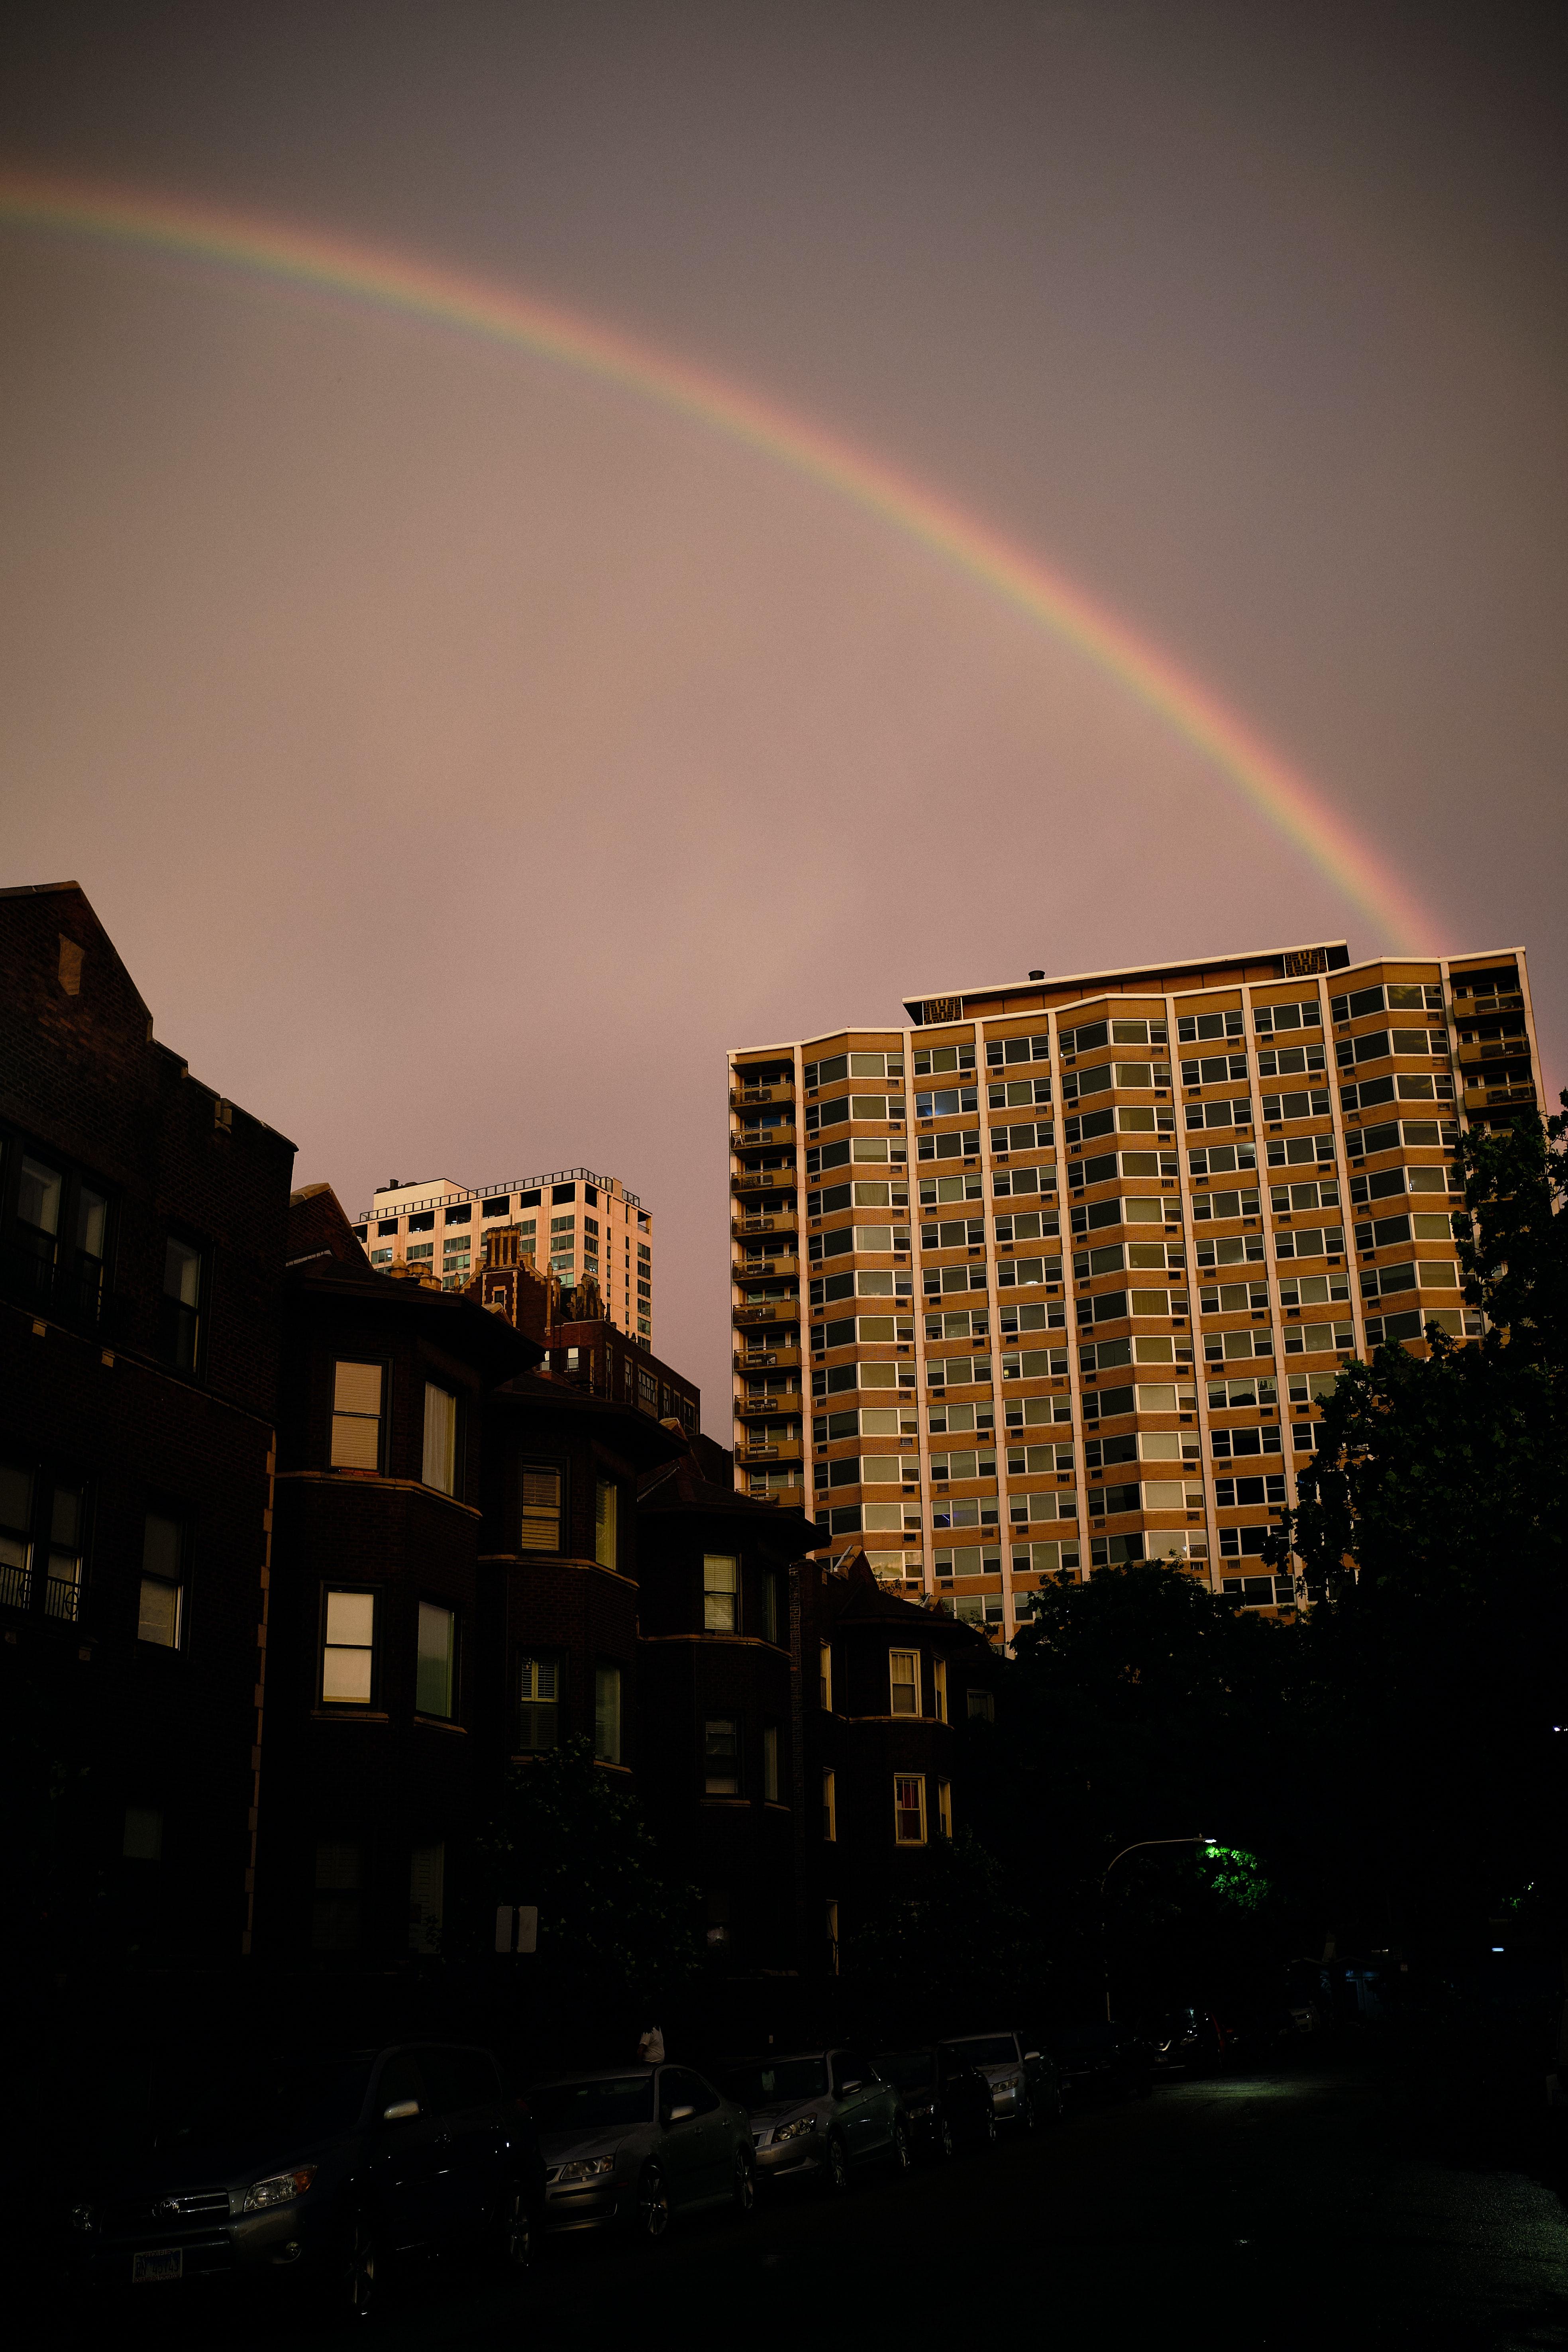 72757 免費下載壁紙 建造, 建筑物, 城市, 彩虹, 天空, 建筑 屏保和圖片